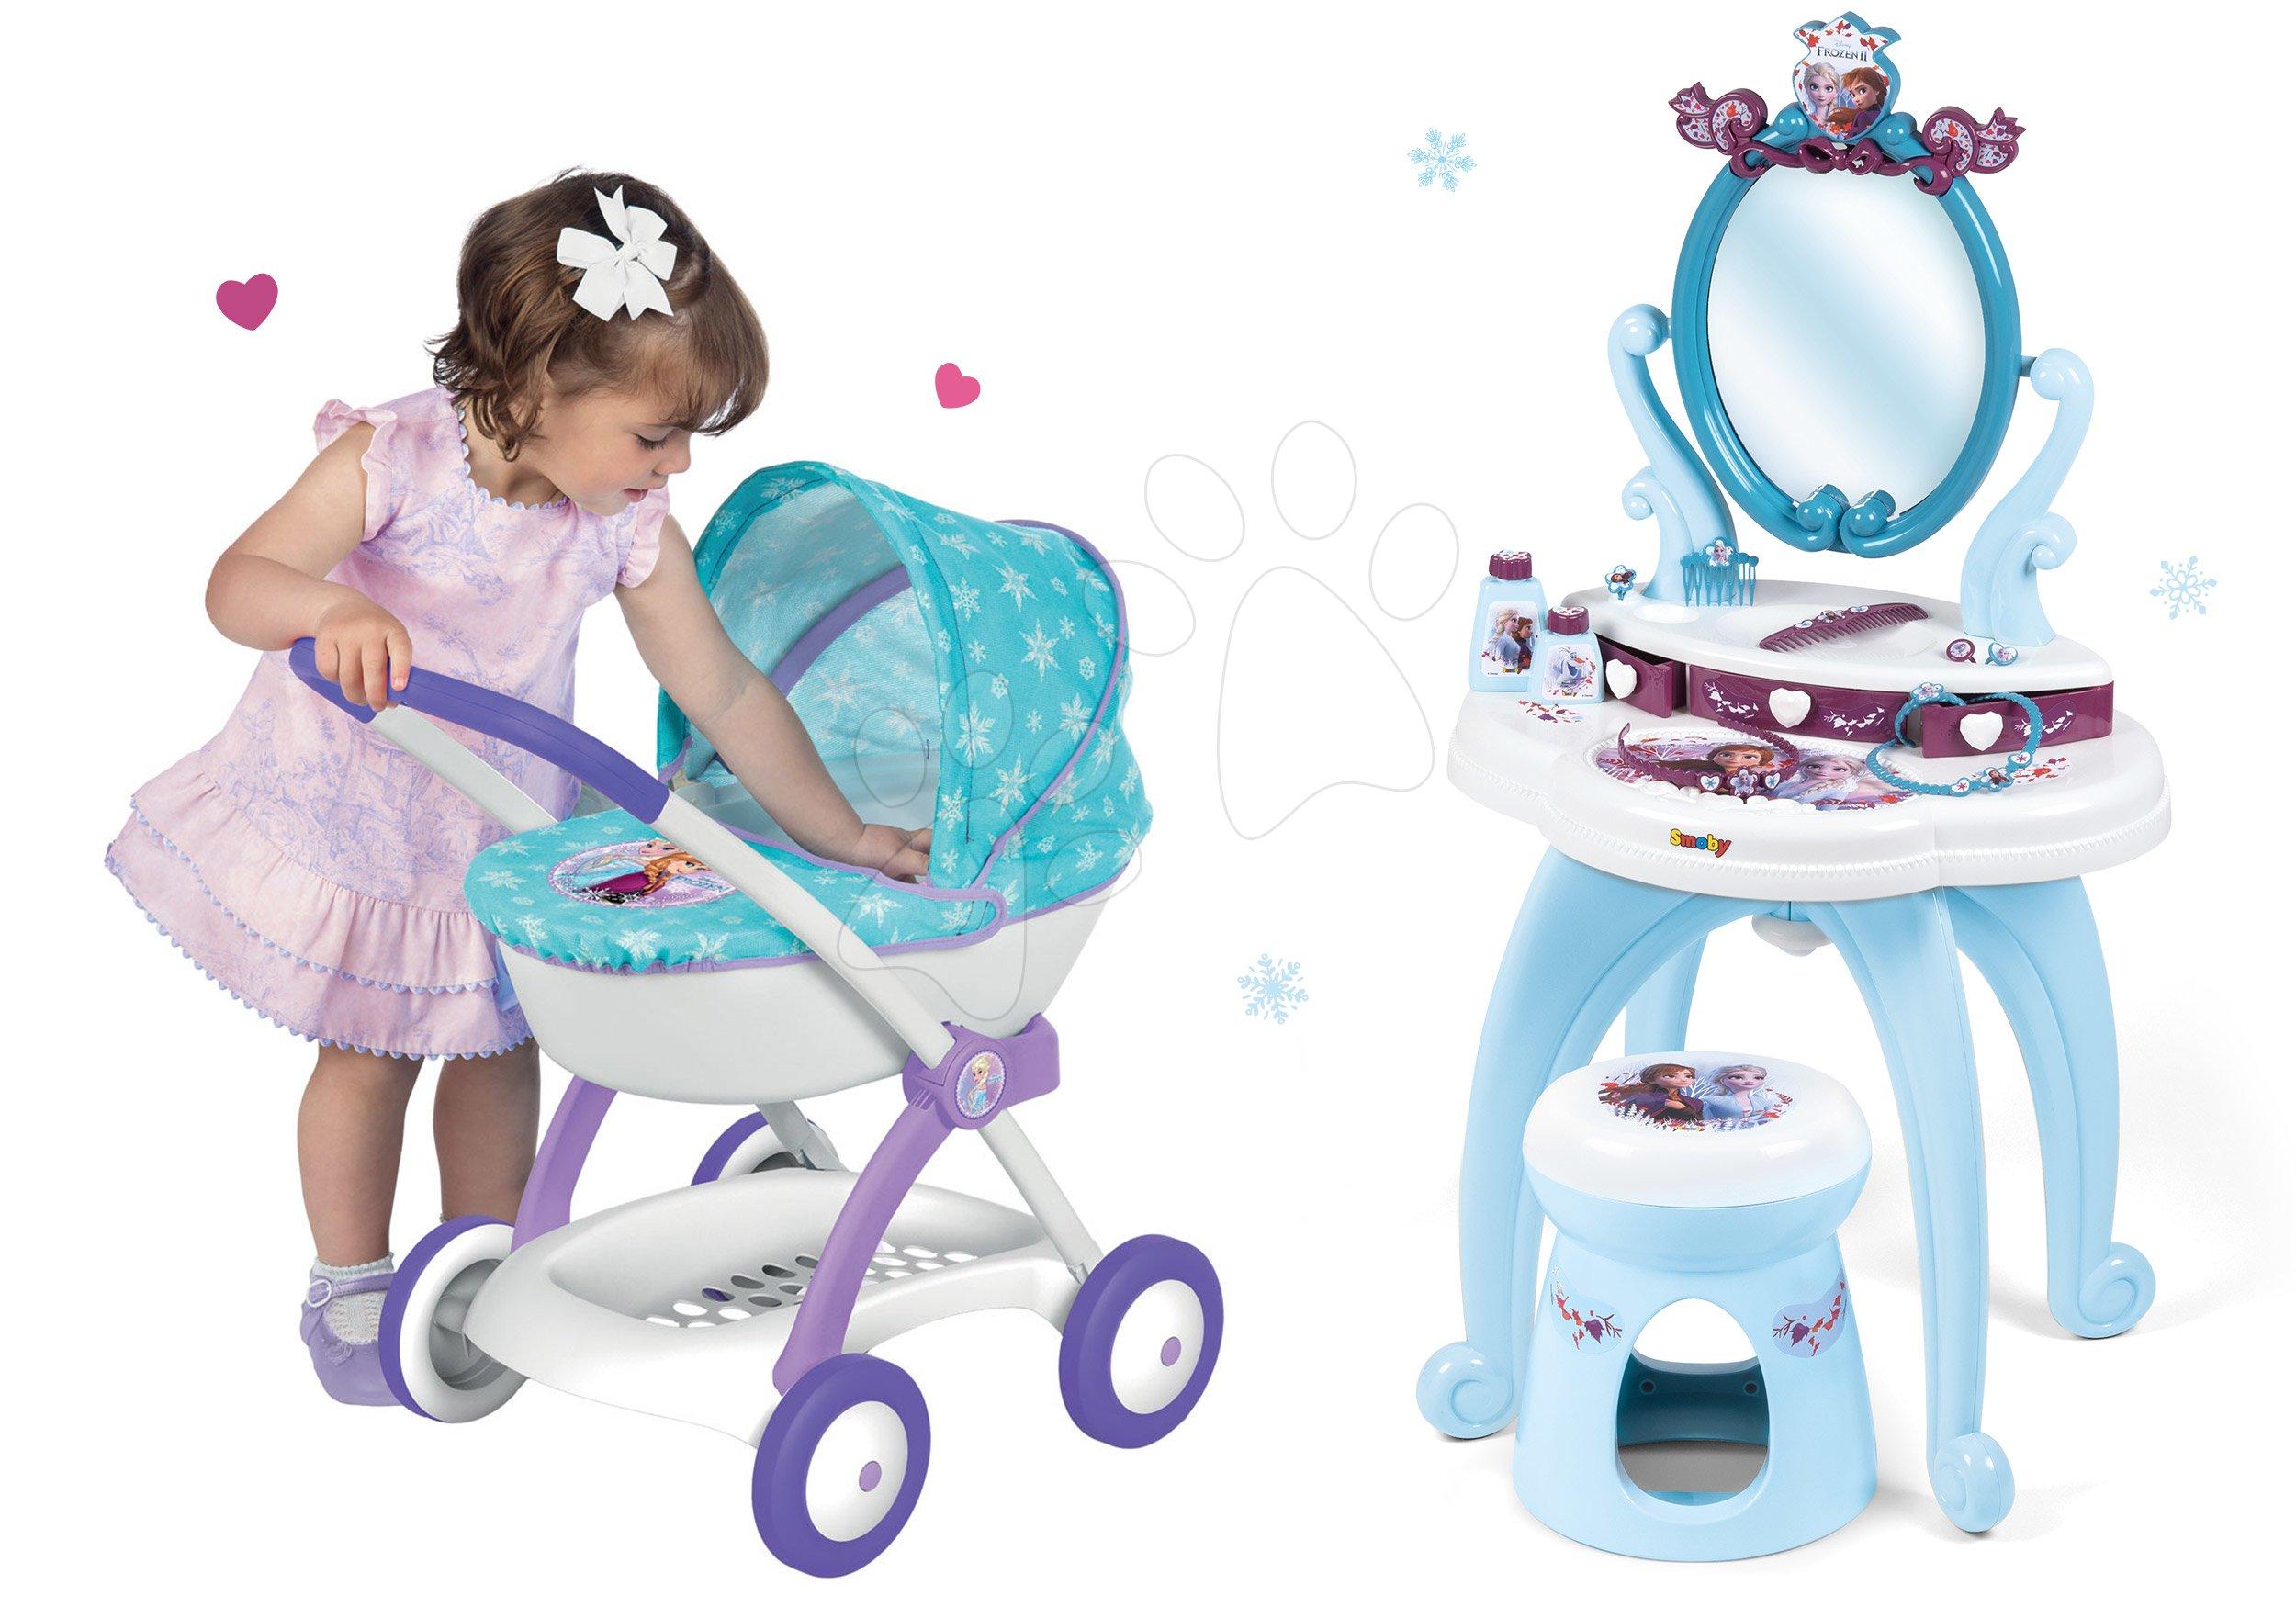 Komplet kozmetična miza Frozen Smoby s stolom in zložljiv voziček za dojenčka Frozen (58 cm ročaj)